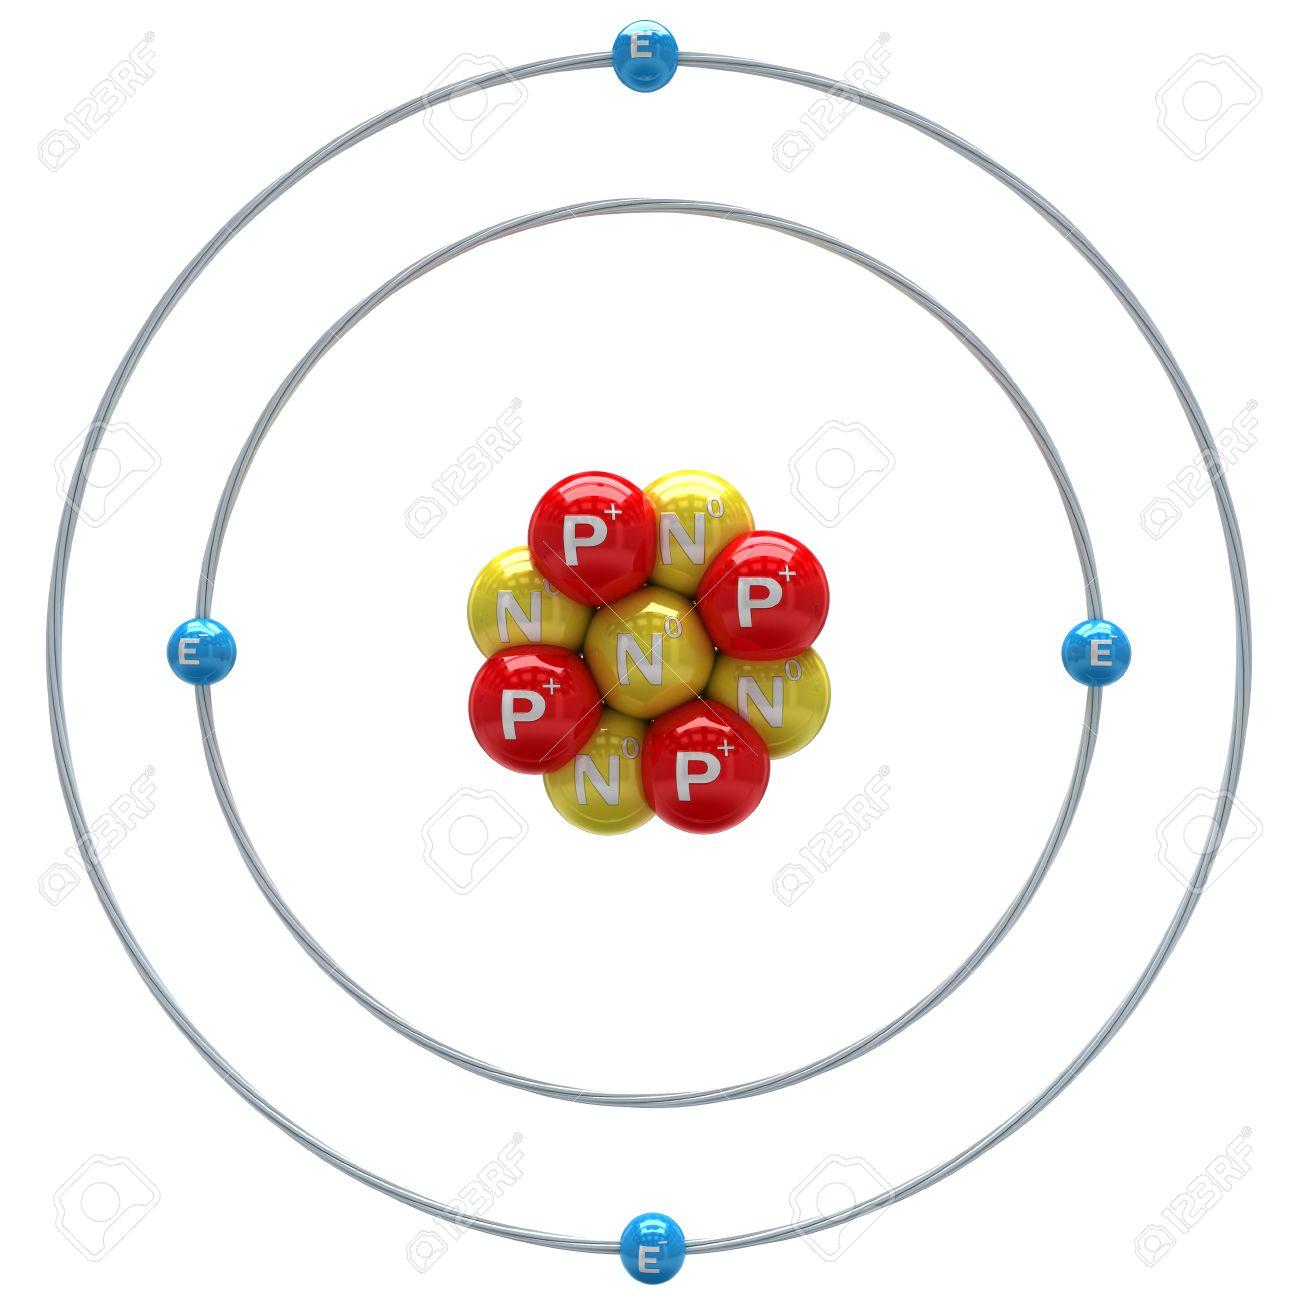 Beryllium Atom Auf Einem Weissen Hintergrund Lizenzfreie Fotos